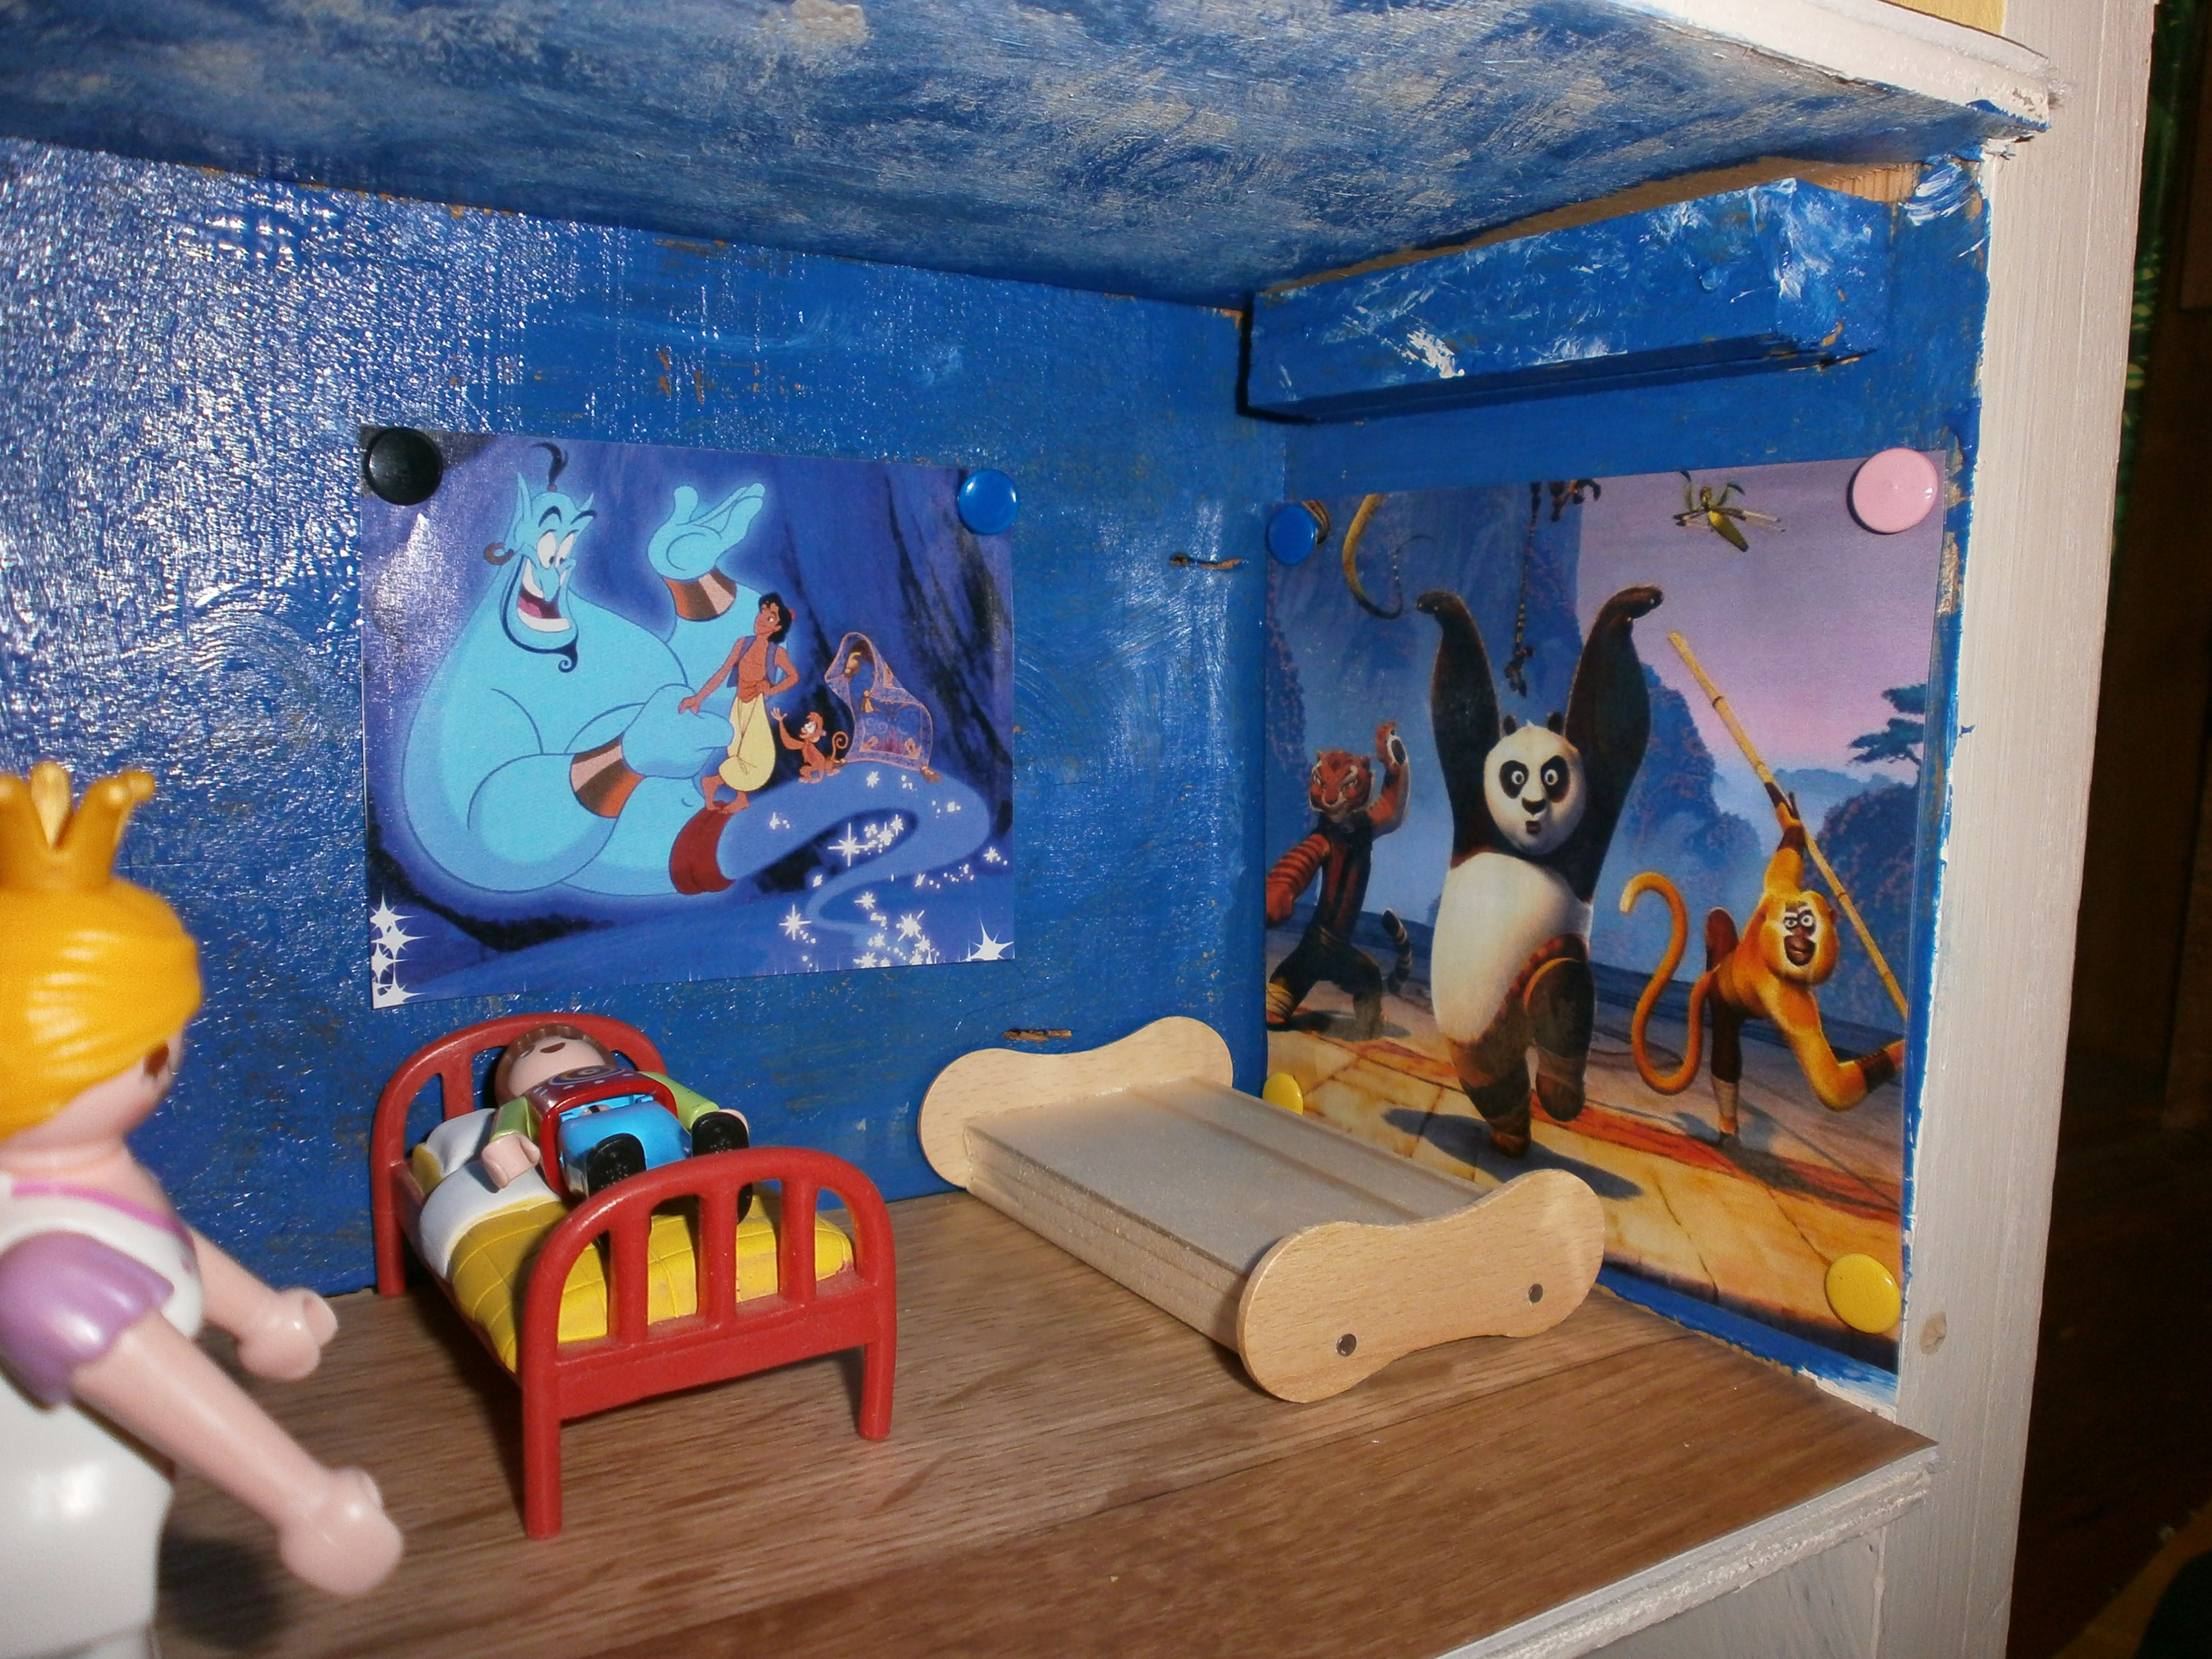 chambres des enfants dans ch teau playmobil lit r alis avec baton de glace cr ation perso. Black Bedroom Furniture Sets. Home Design Ideas